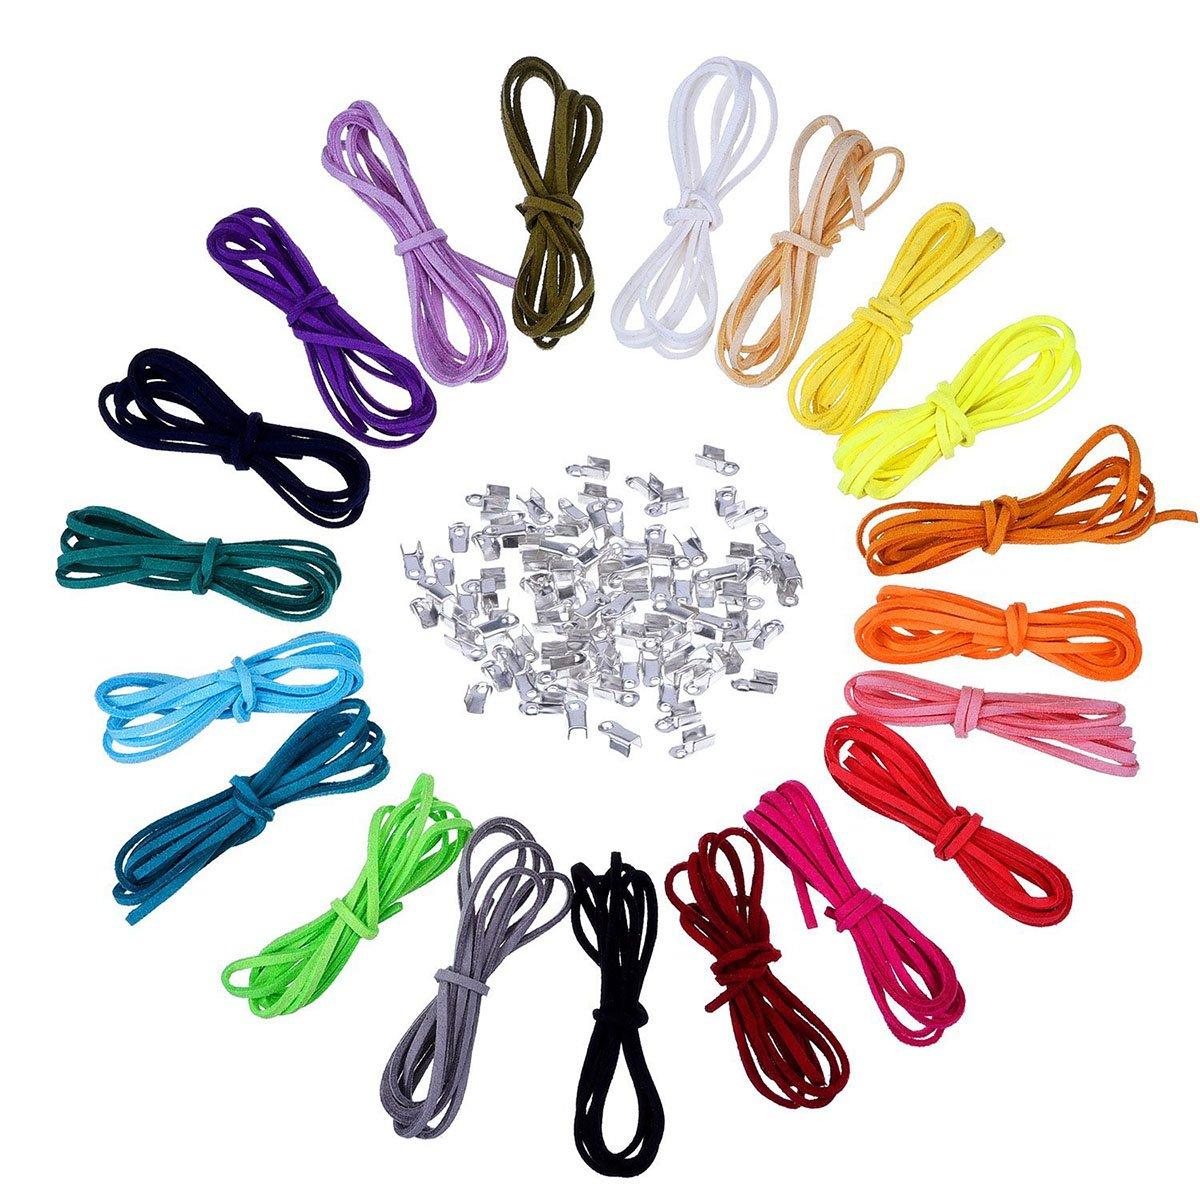 SUPVOX 20 stücke Wildleder Schnur Kunstleder String seilfaden mit 100 stücke Silber Schnur endet für Armband Halskette schmuck DIY Handwerk (zufällige Farbe)